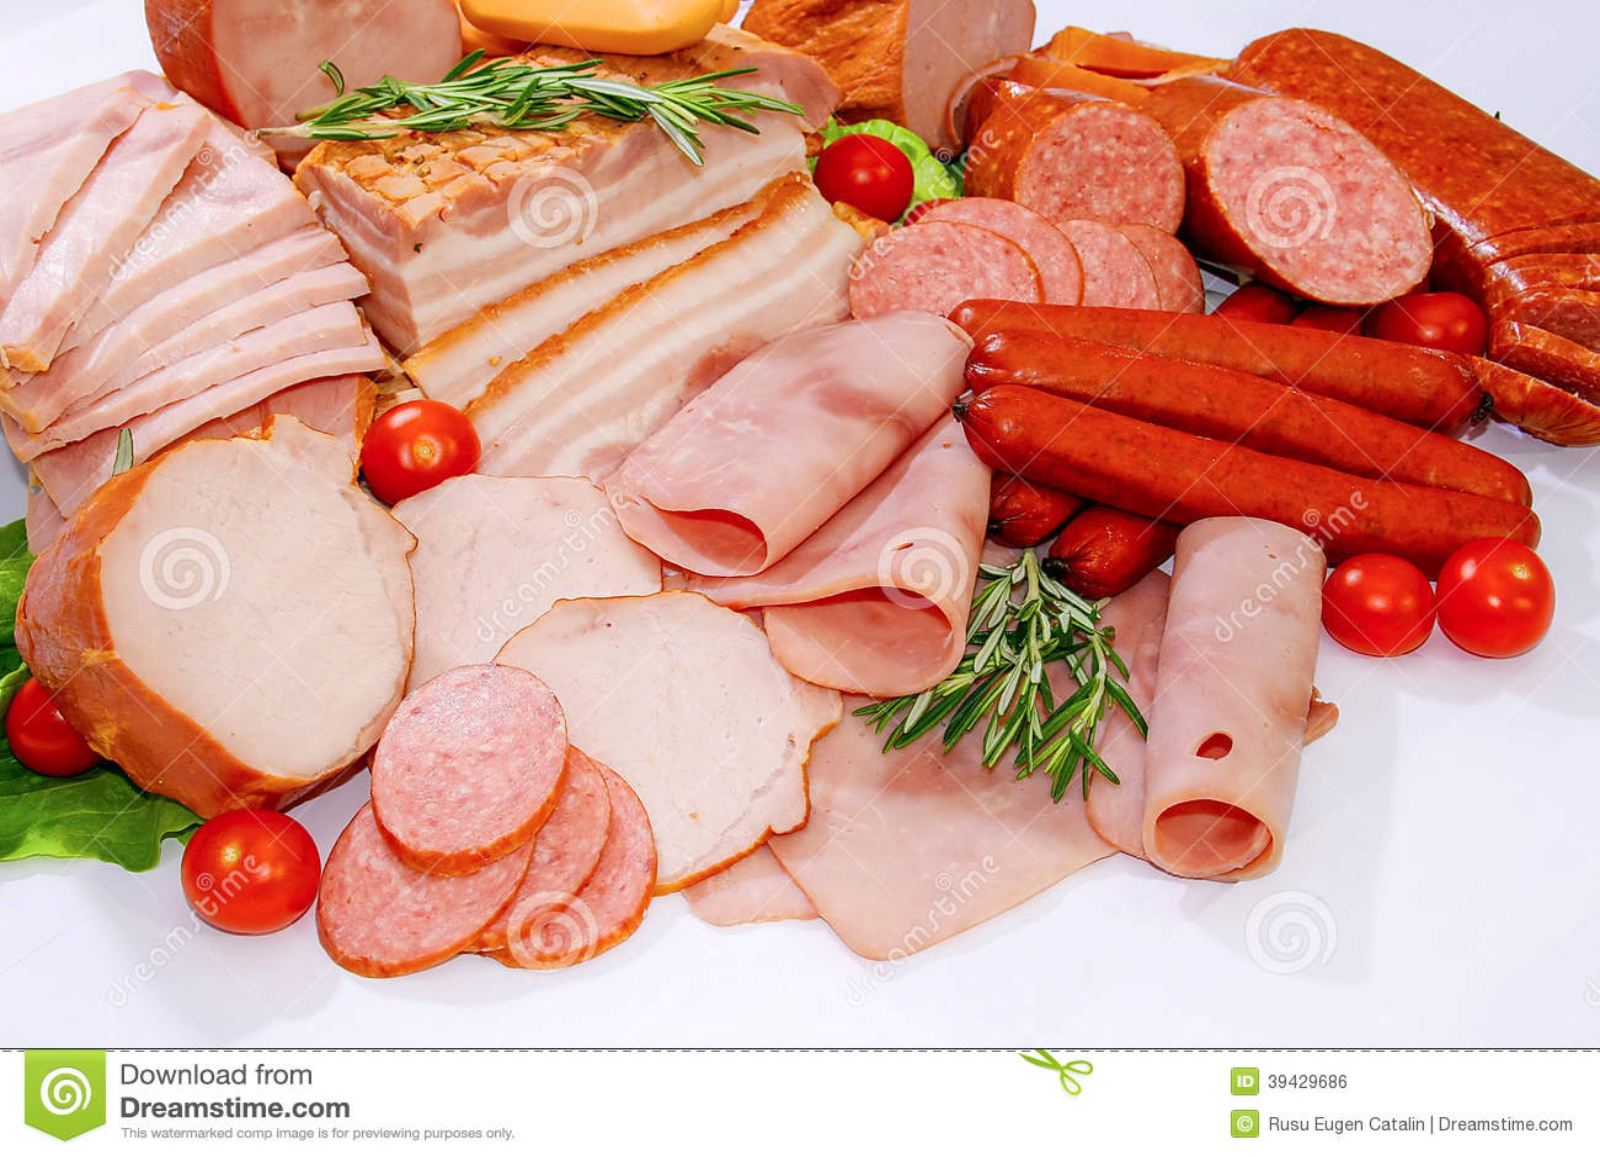 Κρέας και λουκάνικα